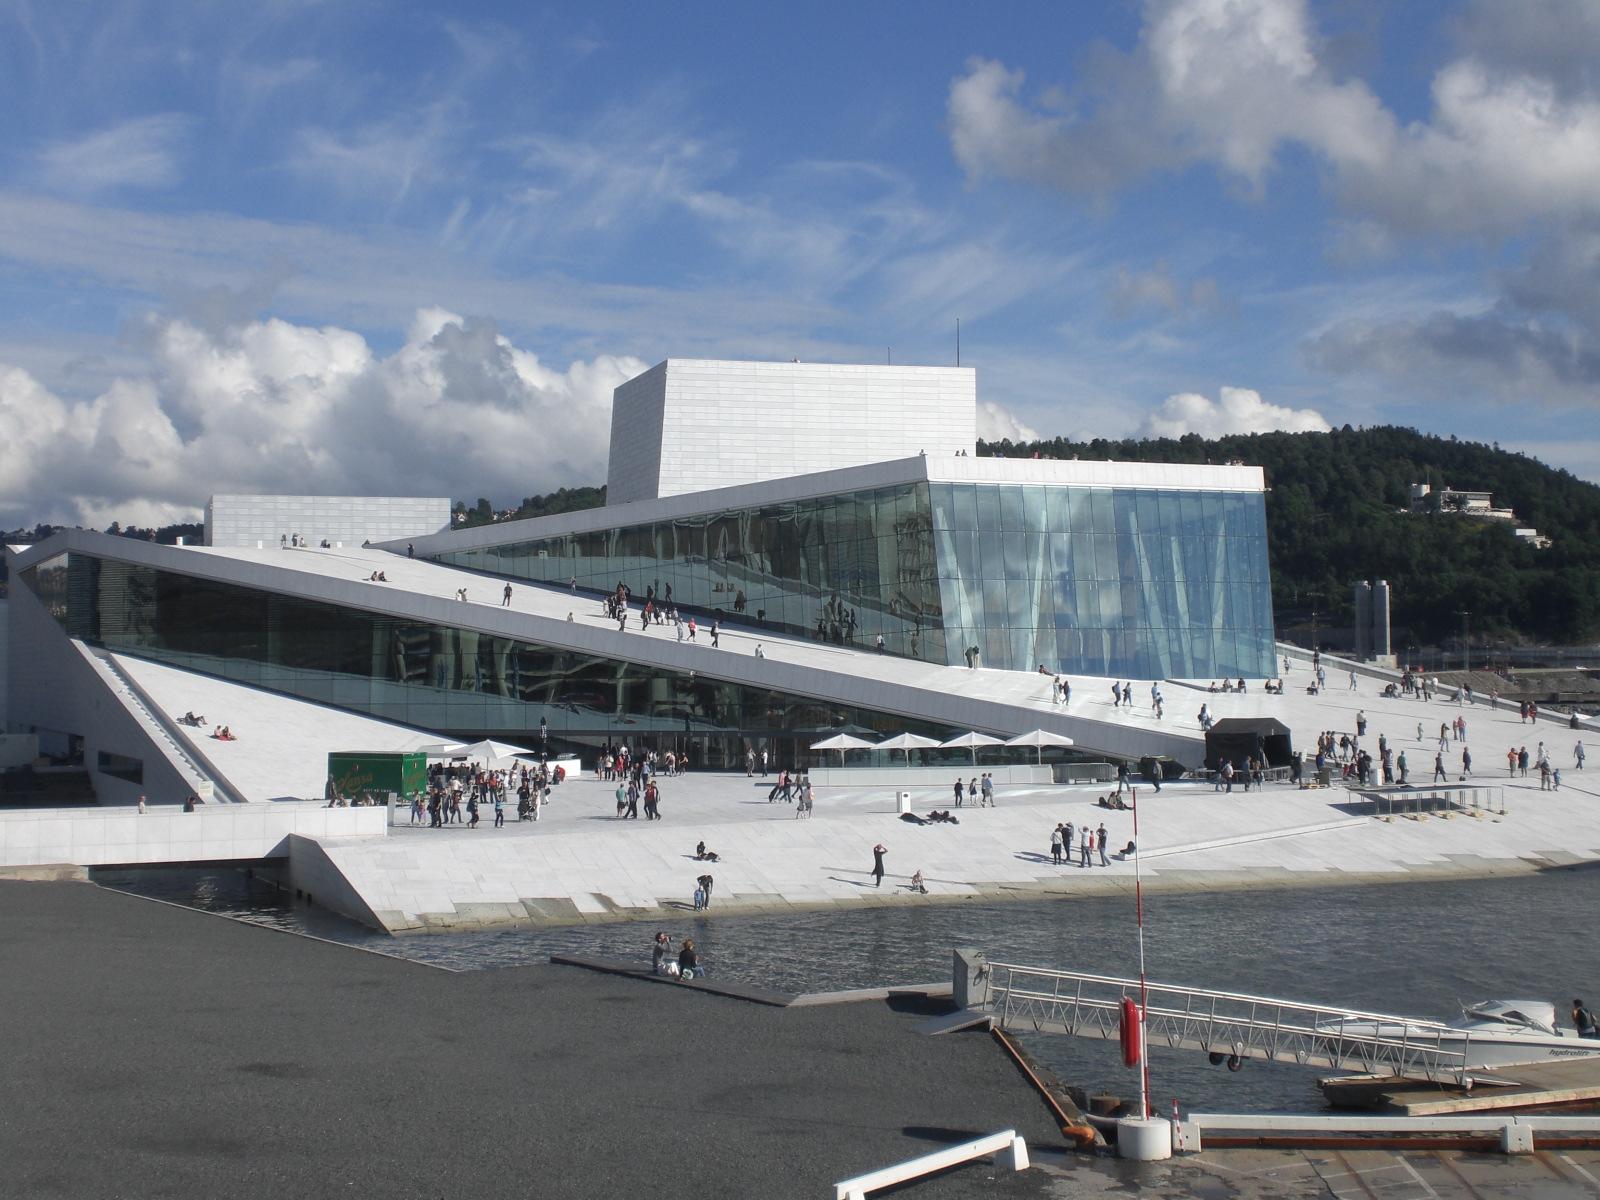 Norway: The Lofoten Islands & Oslo